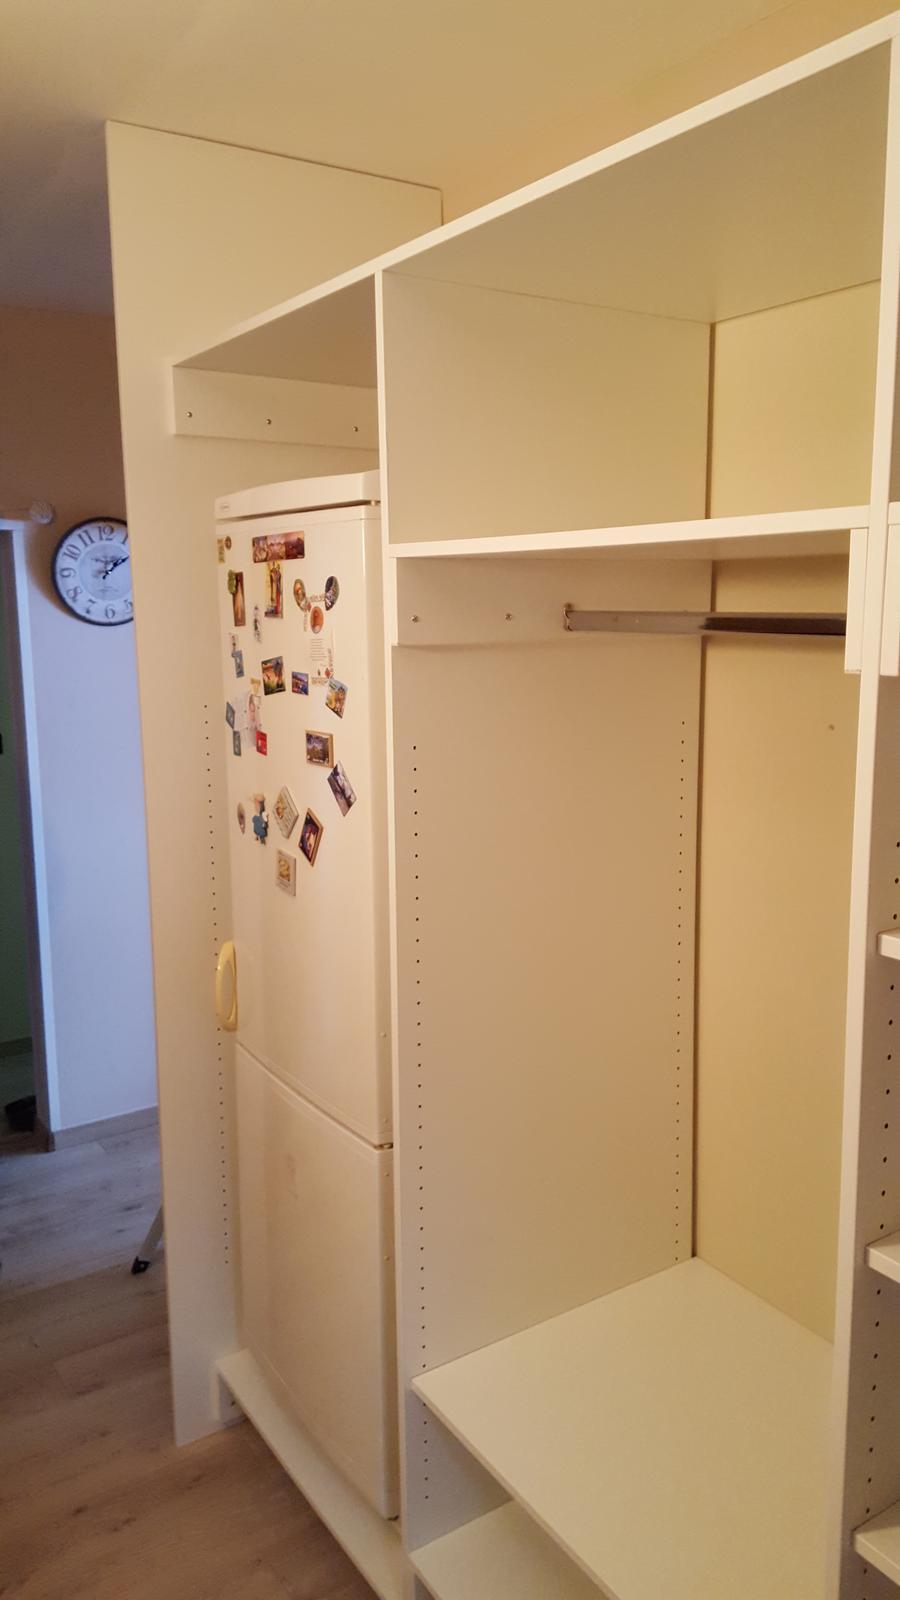 Moja mala fuska cakam uz len na dvere zrkadlove a vodiace listy - Obrázok č. 2